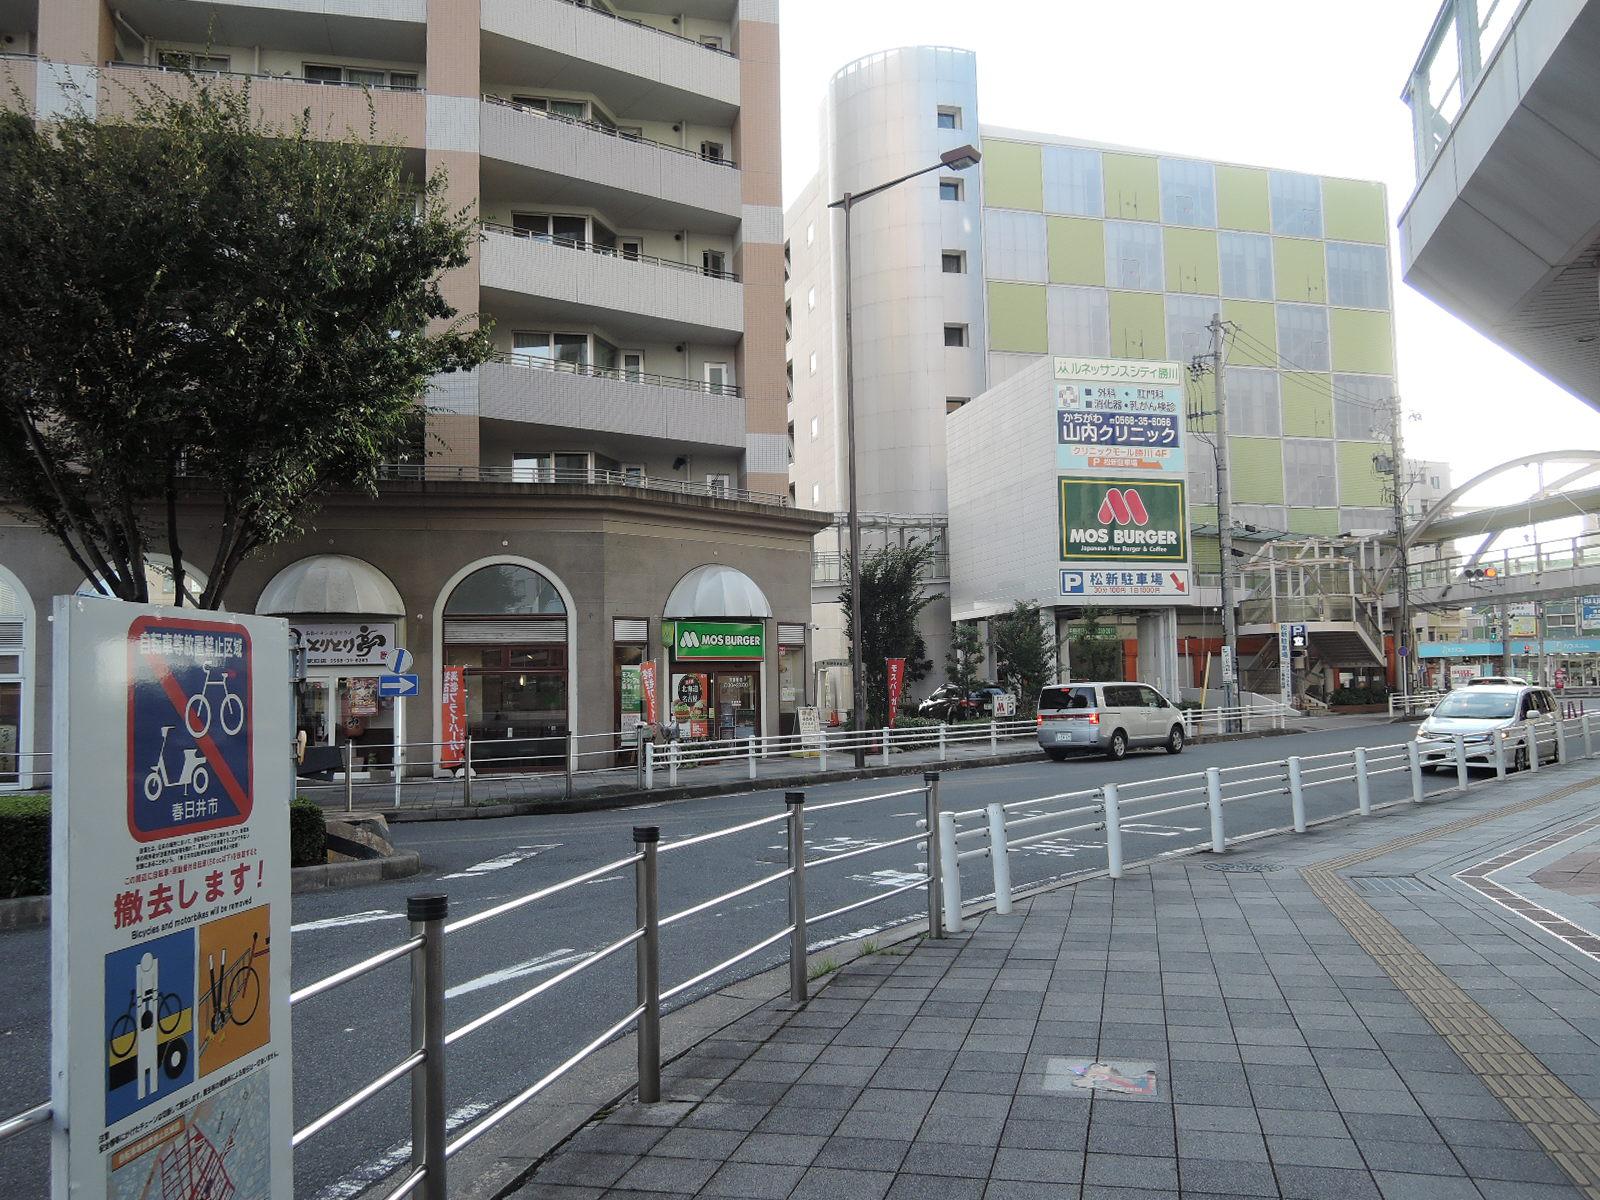 レストラン:モスバーガー勝川店 310m 近隣